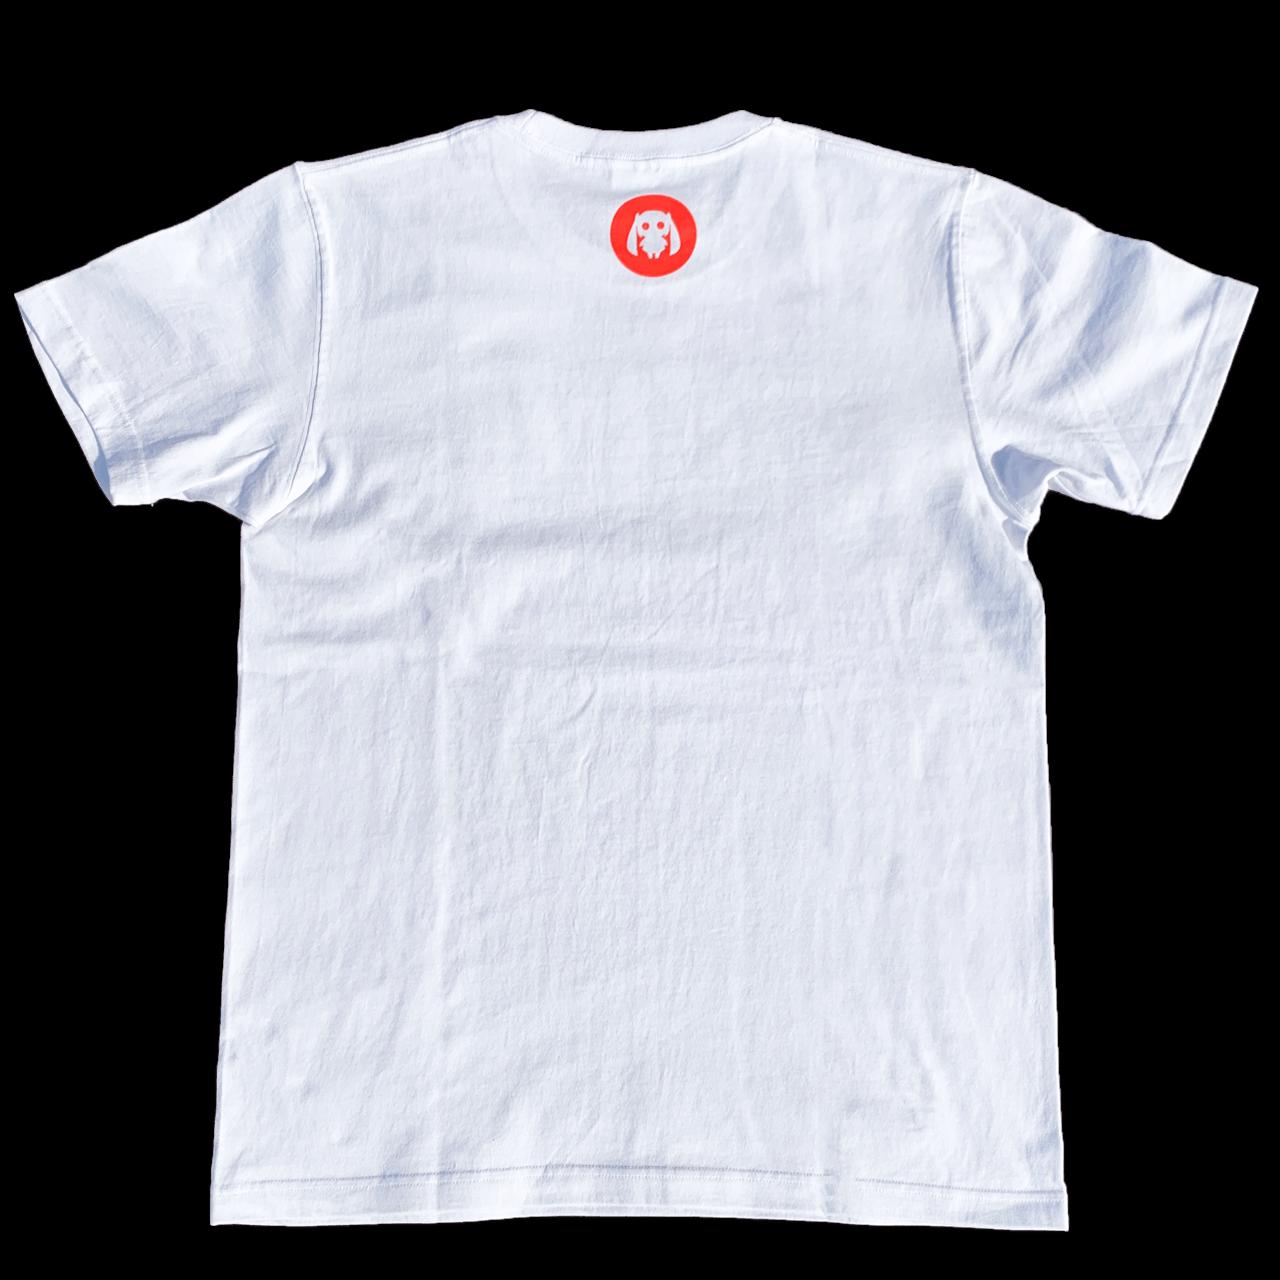 ピノキオピー - AKEBONO Tシャツ(白) - 画像2